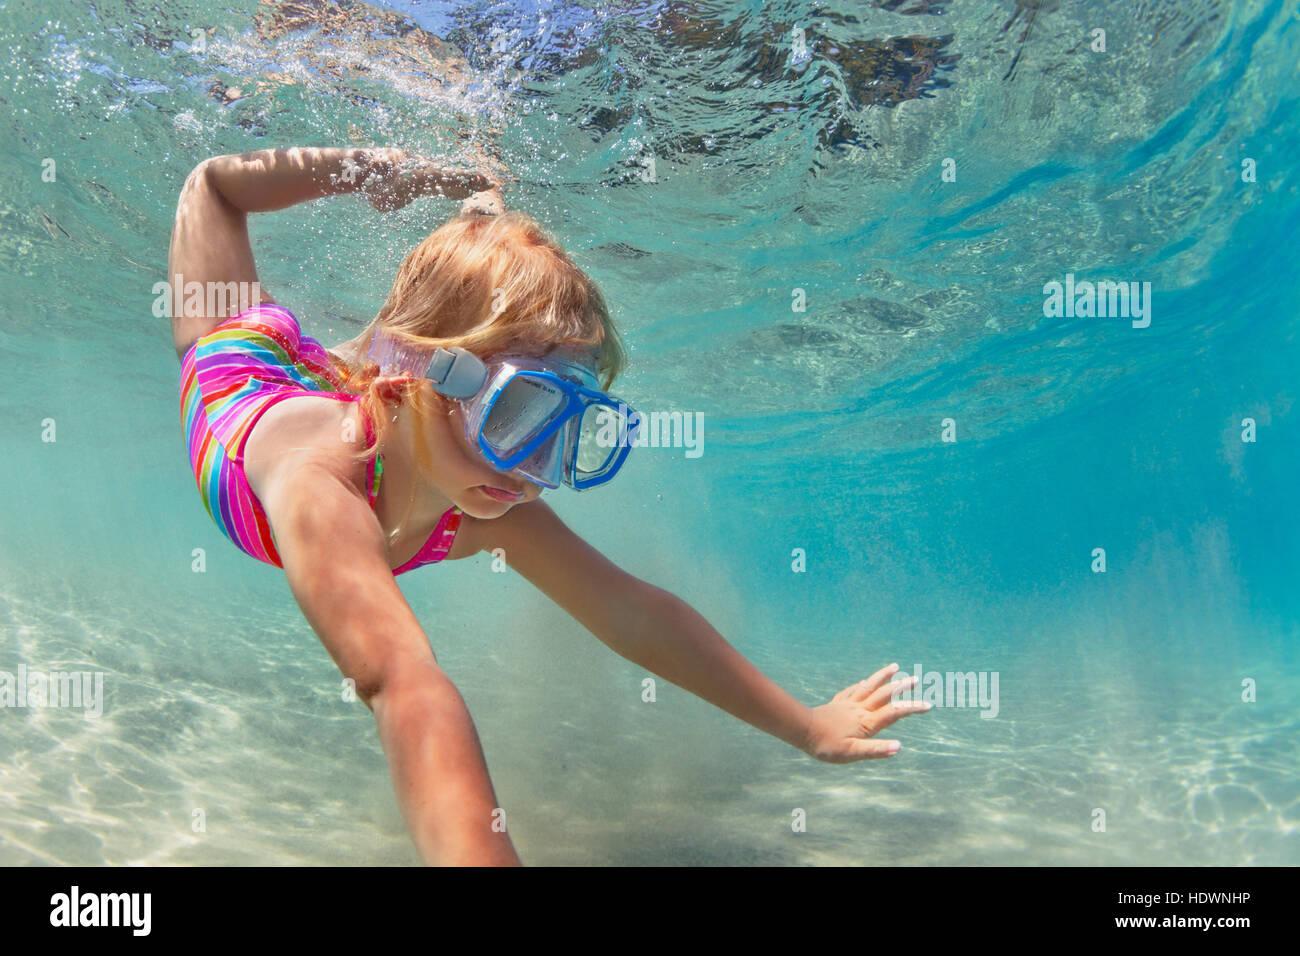 Feliz niña gafas de bucear, nadar y bucear bajo el agua con la diversión en el mar piscina estilo de vida Imagen De Stock